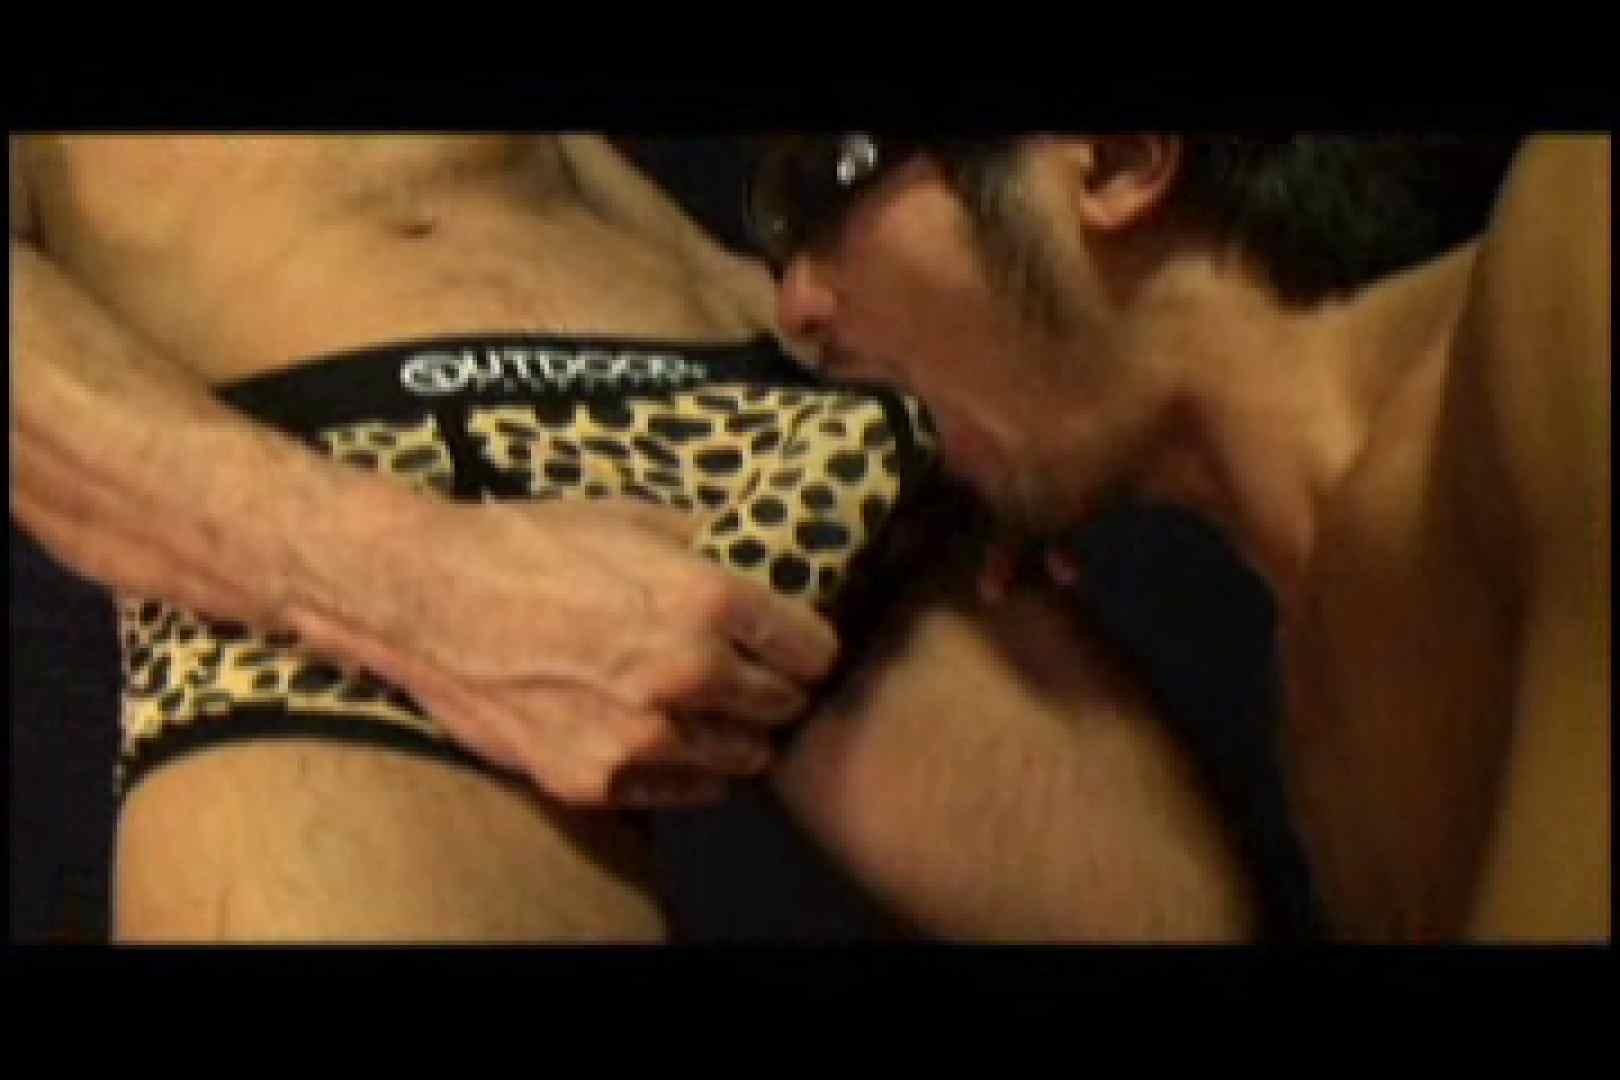 スジ筋ガチムチゴーグルマンvol7 男達のキス  103枚 76